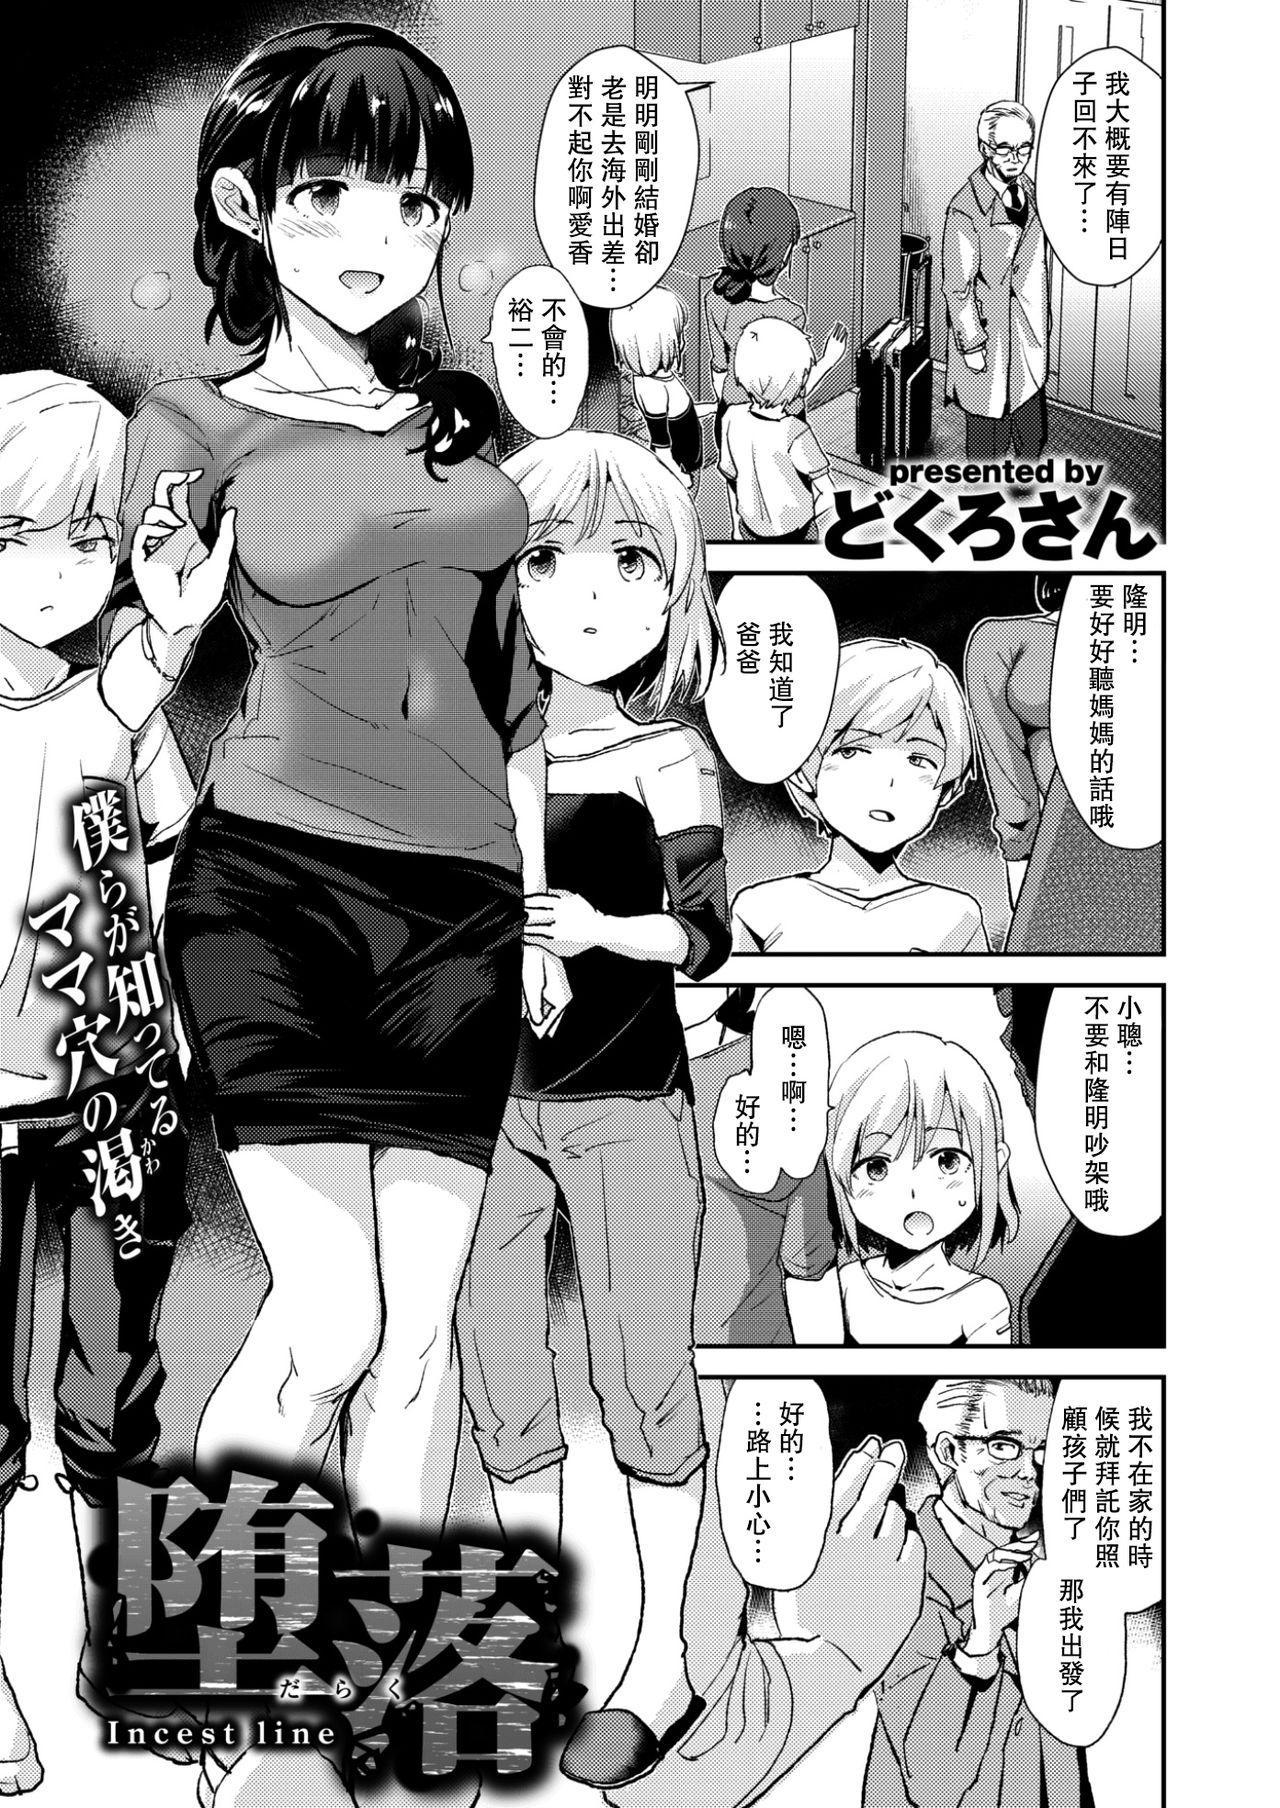 Daraku - Incest line 1